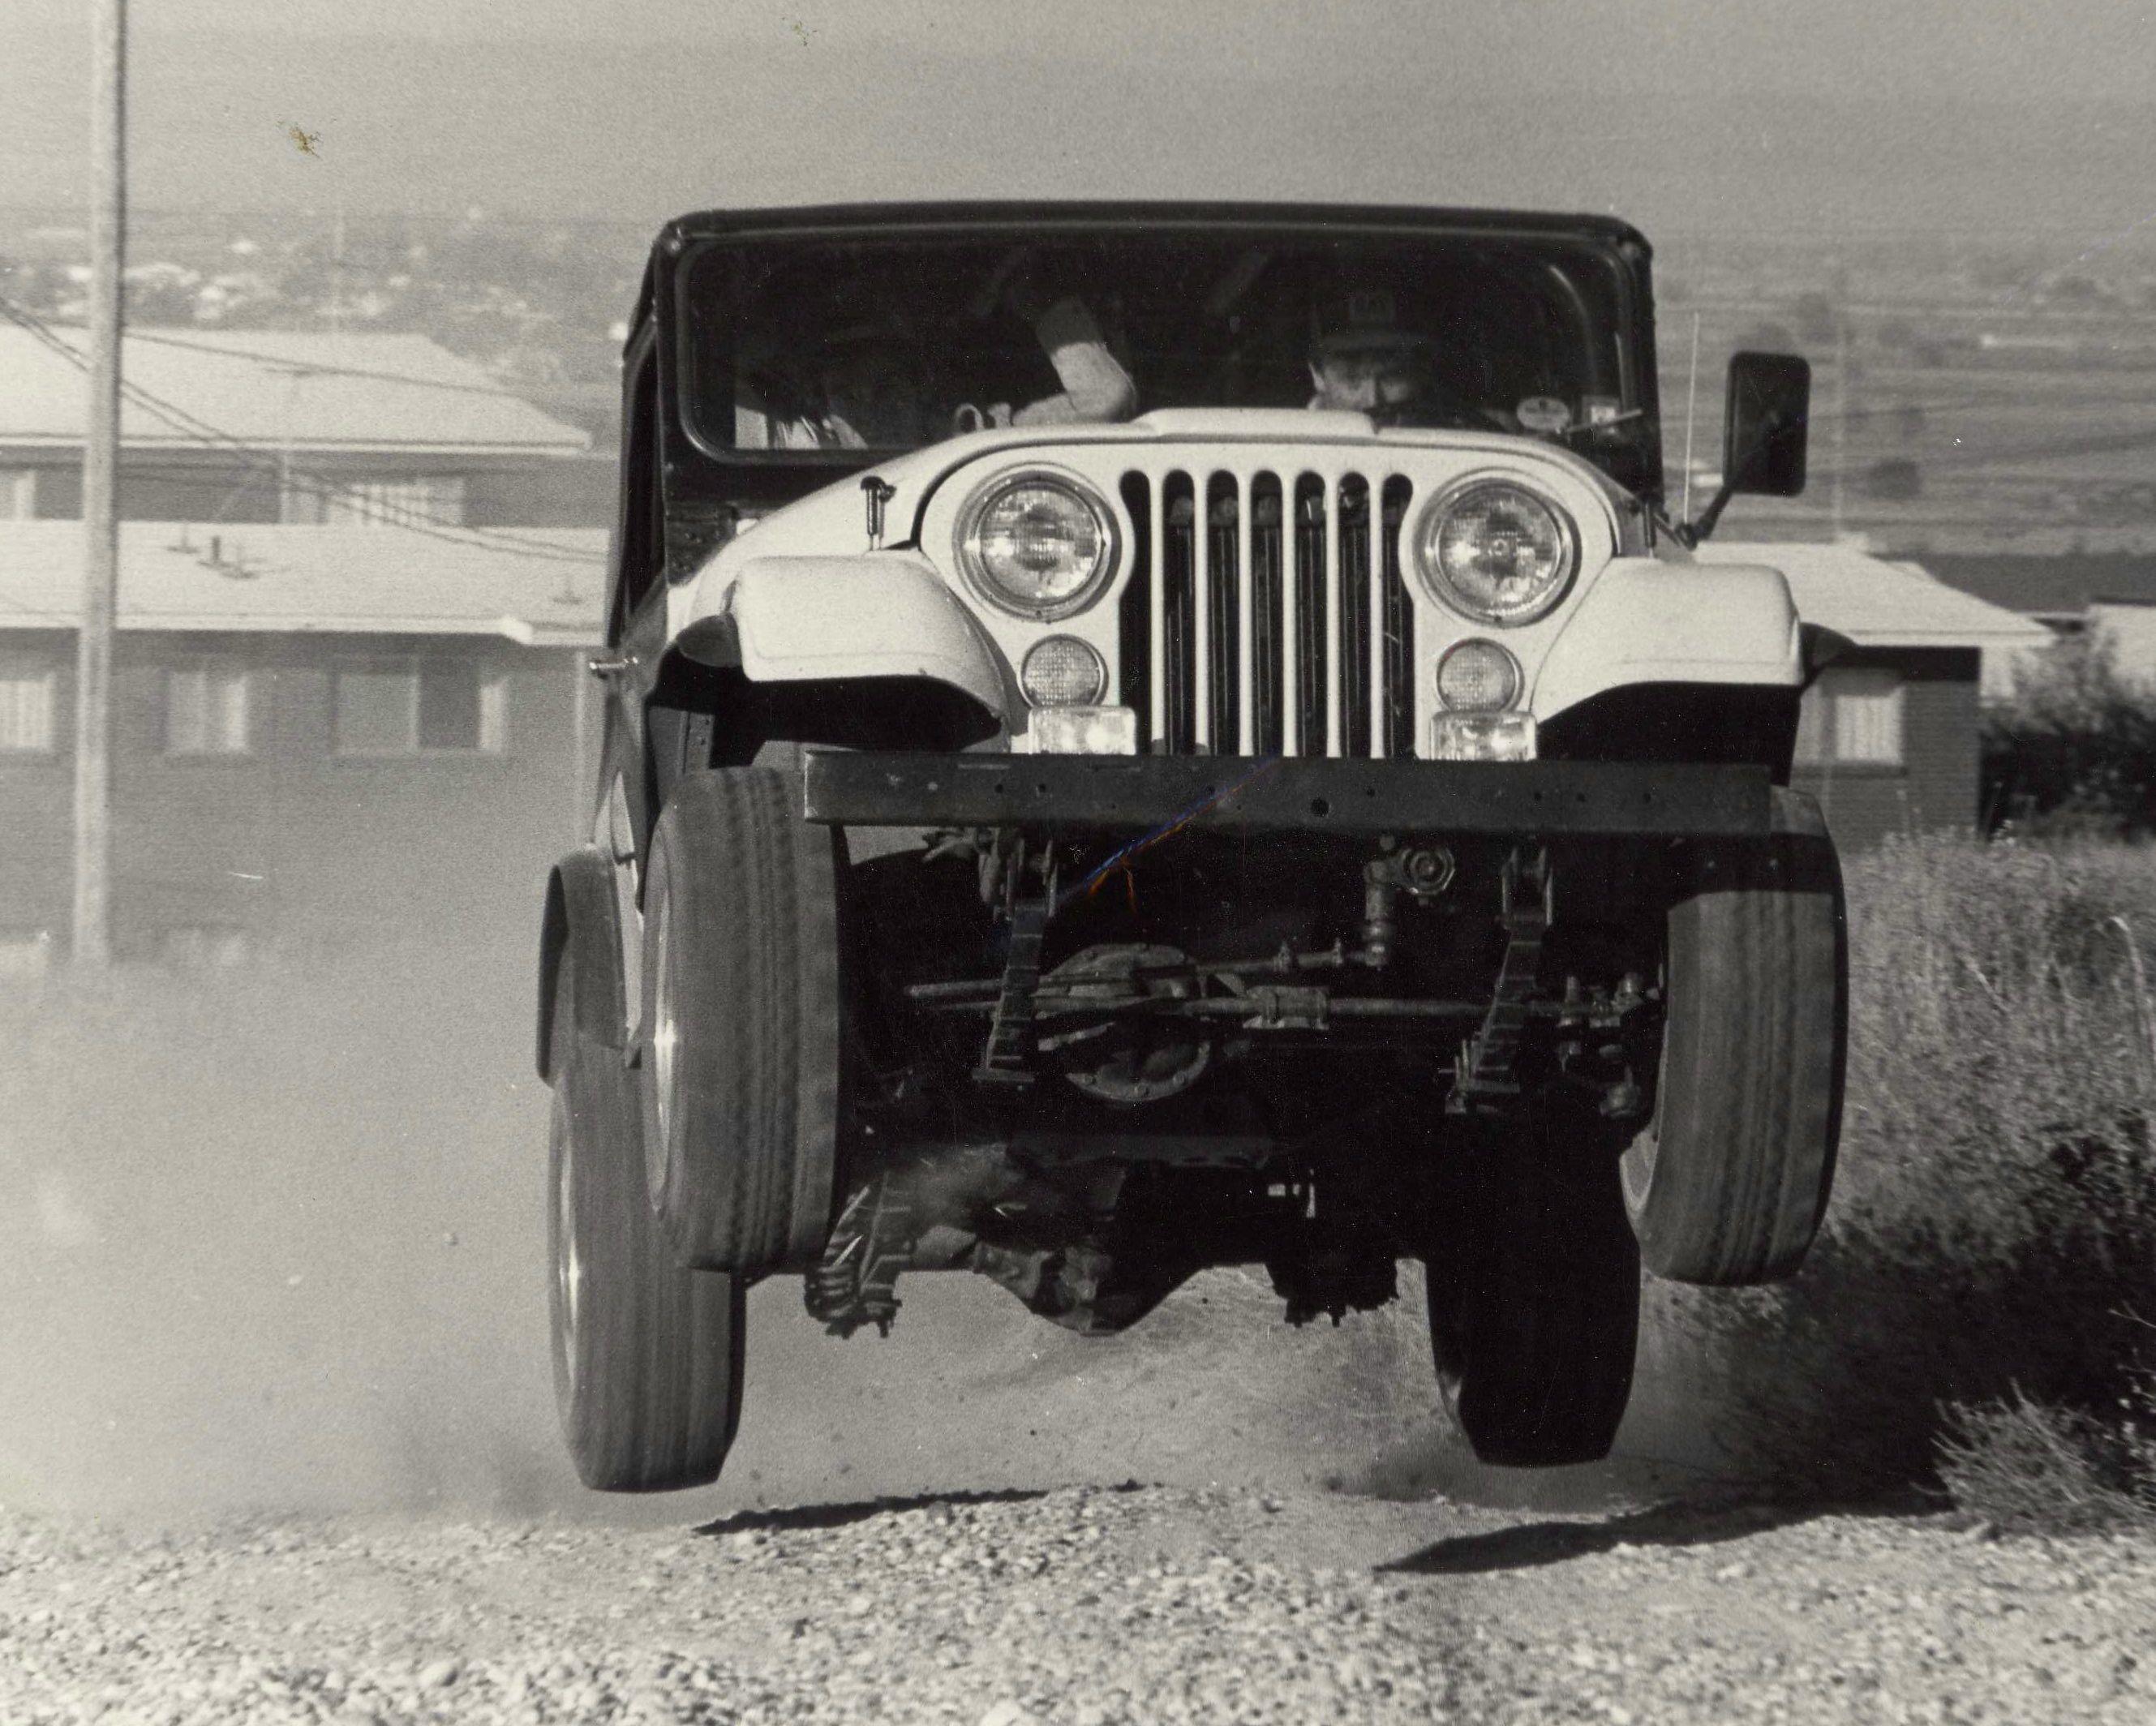 1973 jeep cj5 v8 [ 2658 x 2128 Pixel ]